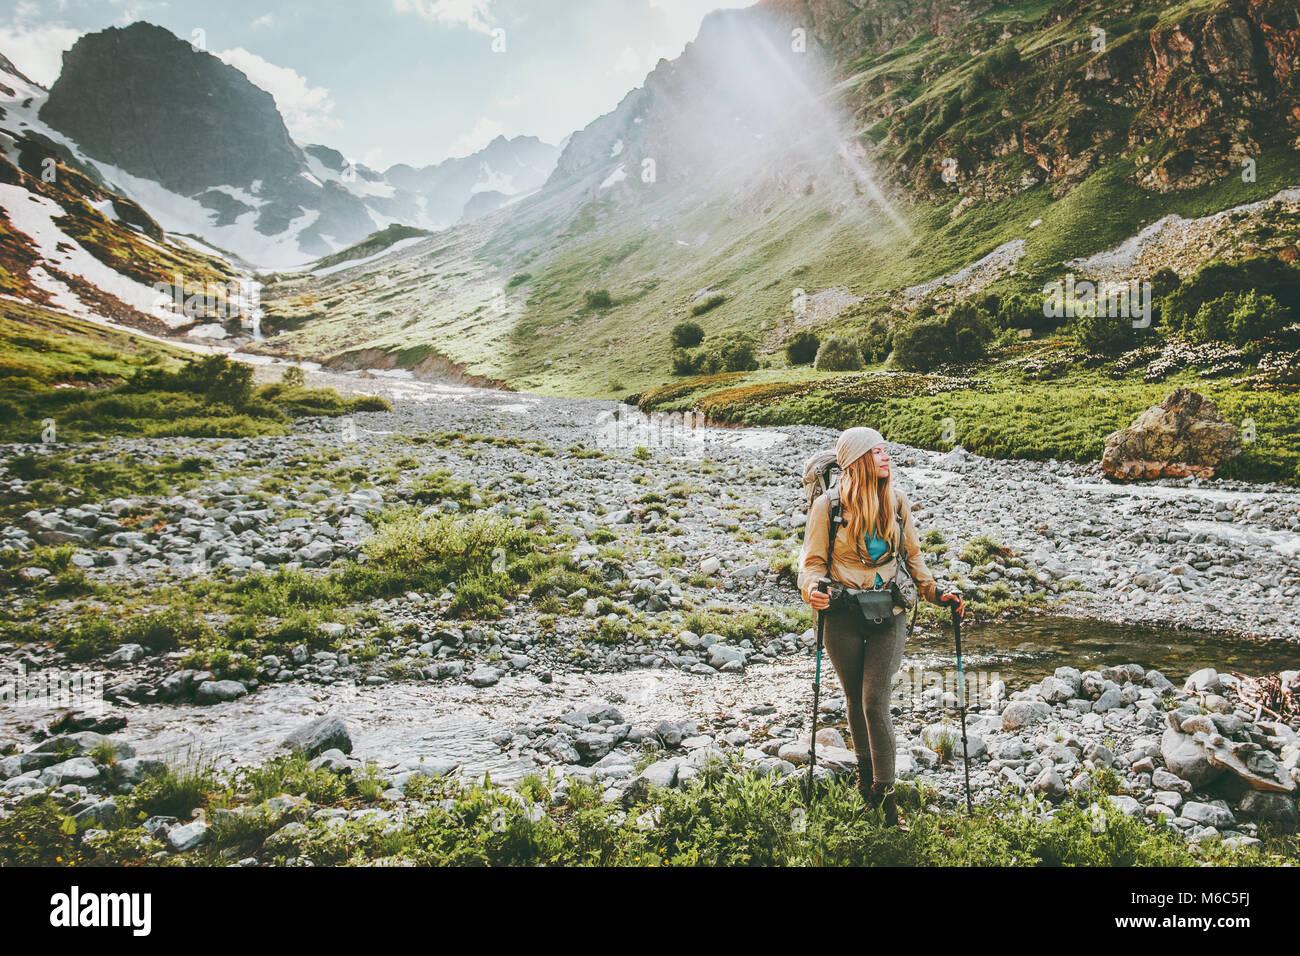 Donna backpacker escursioni in montagna viaggi avventura il concetto di stile di vita attivo vacanze estate sport Immagini Stock